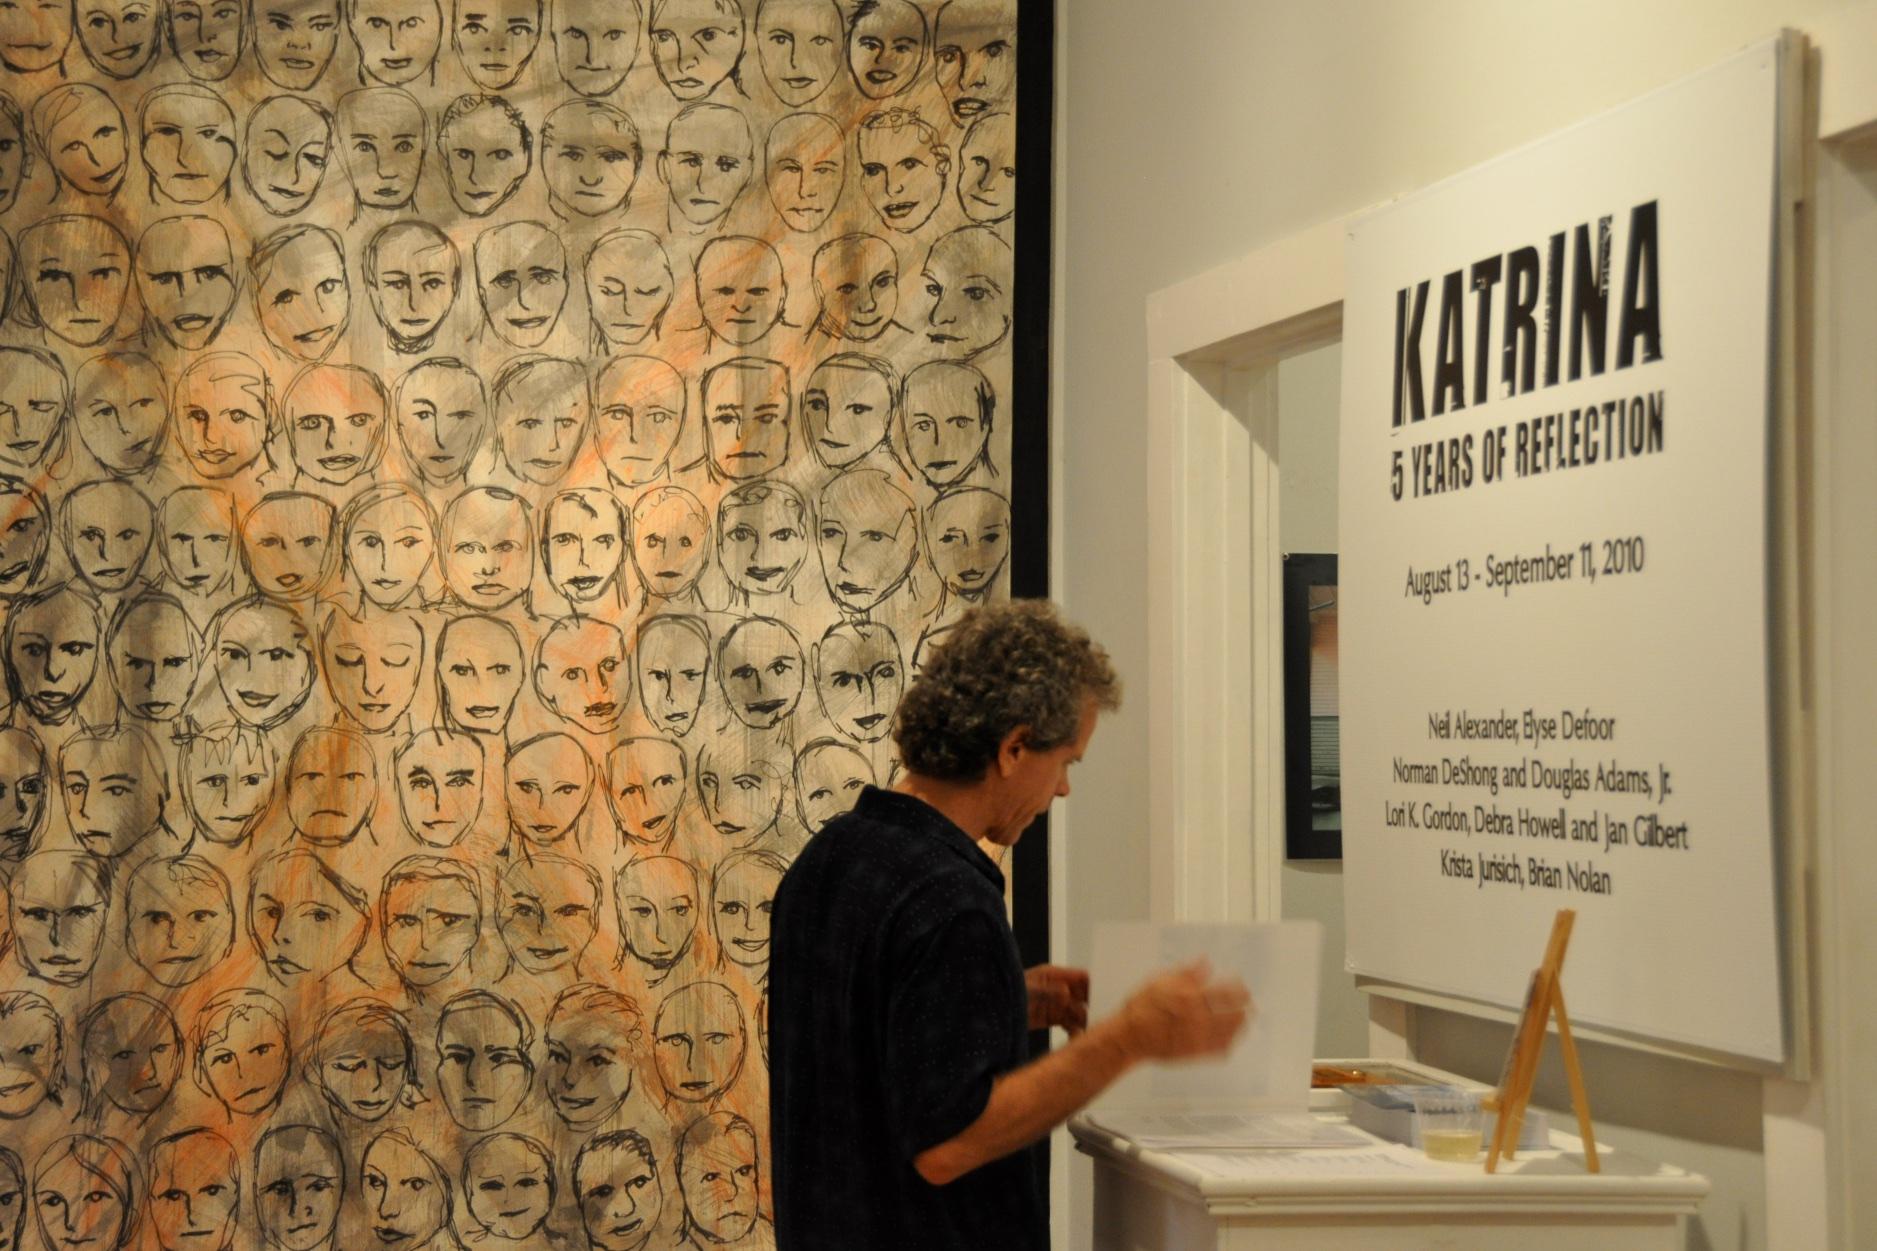 Katrina Exhibit 53.jpg